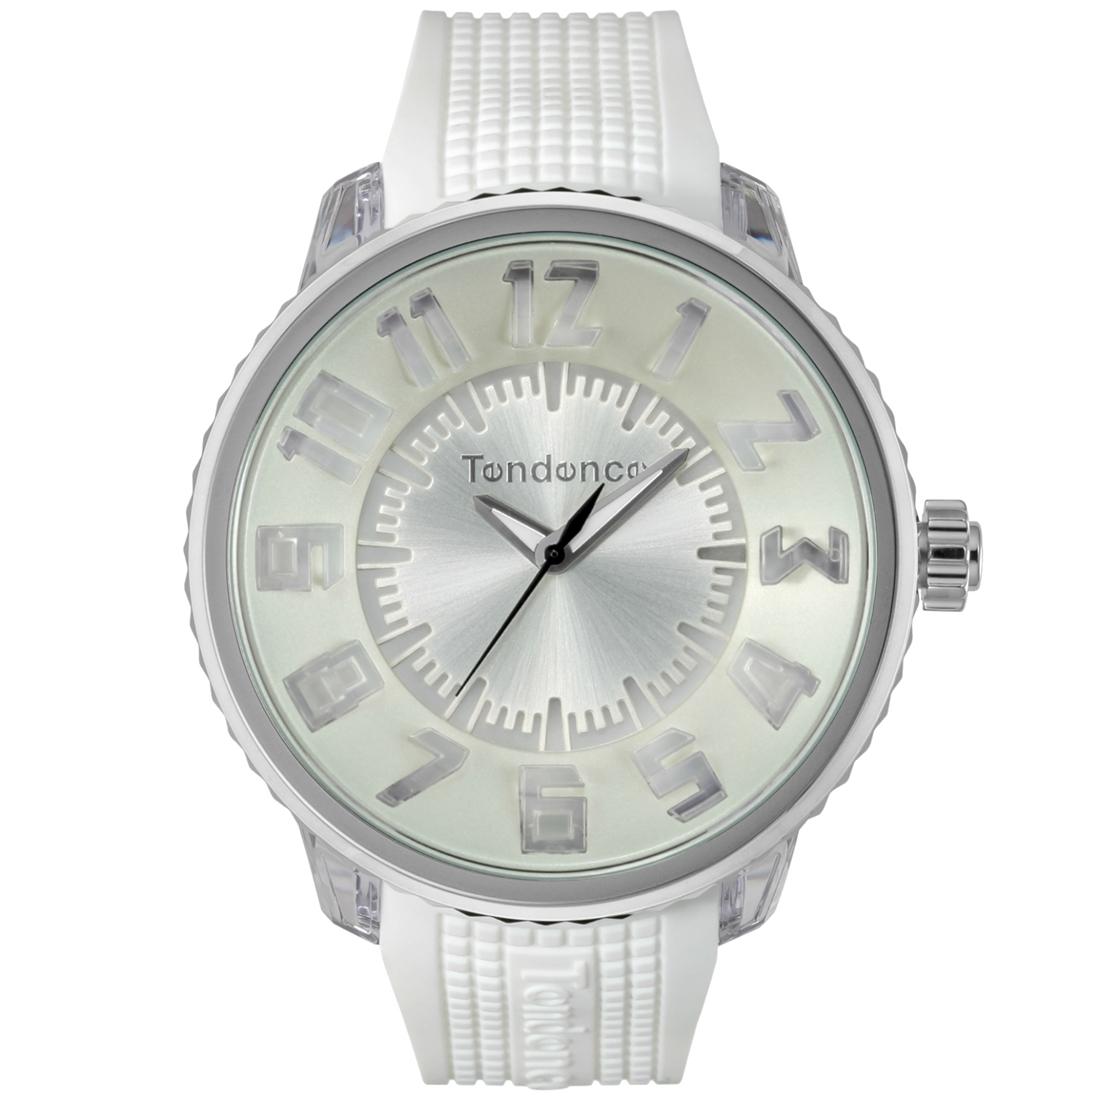 【今ならオーバーサイズノートプレゼント】 テンデンス Tendence TY532003 フラッシュ 正規品 腕時計